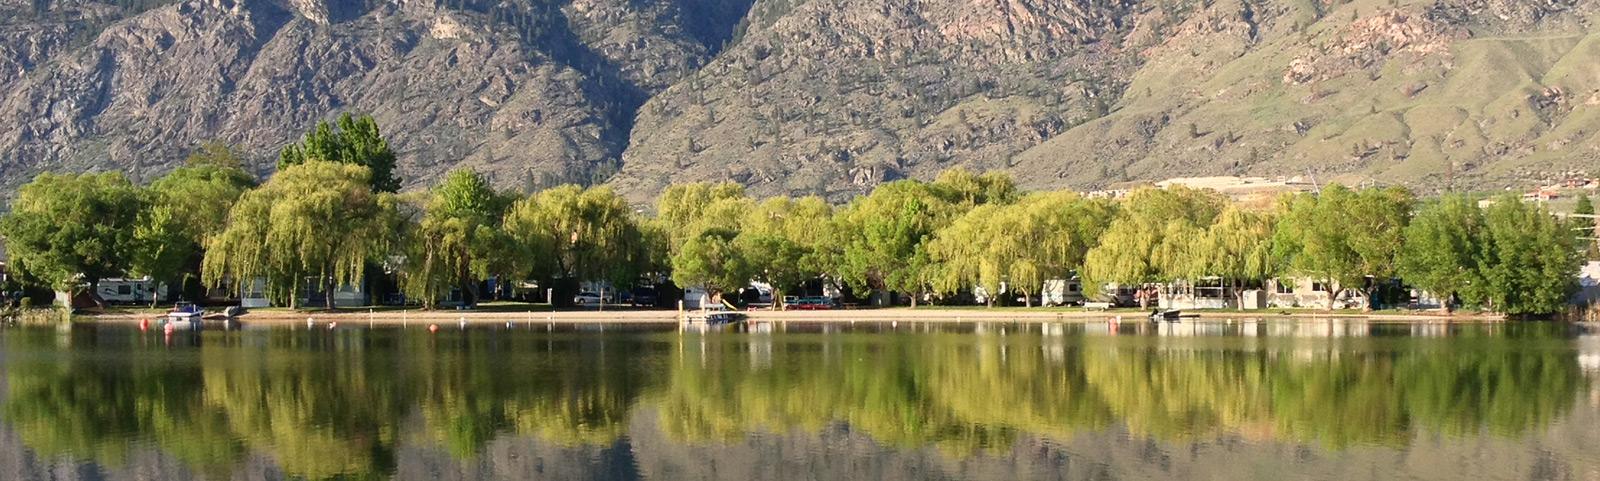 Paradise Park from Solana Bay